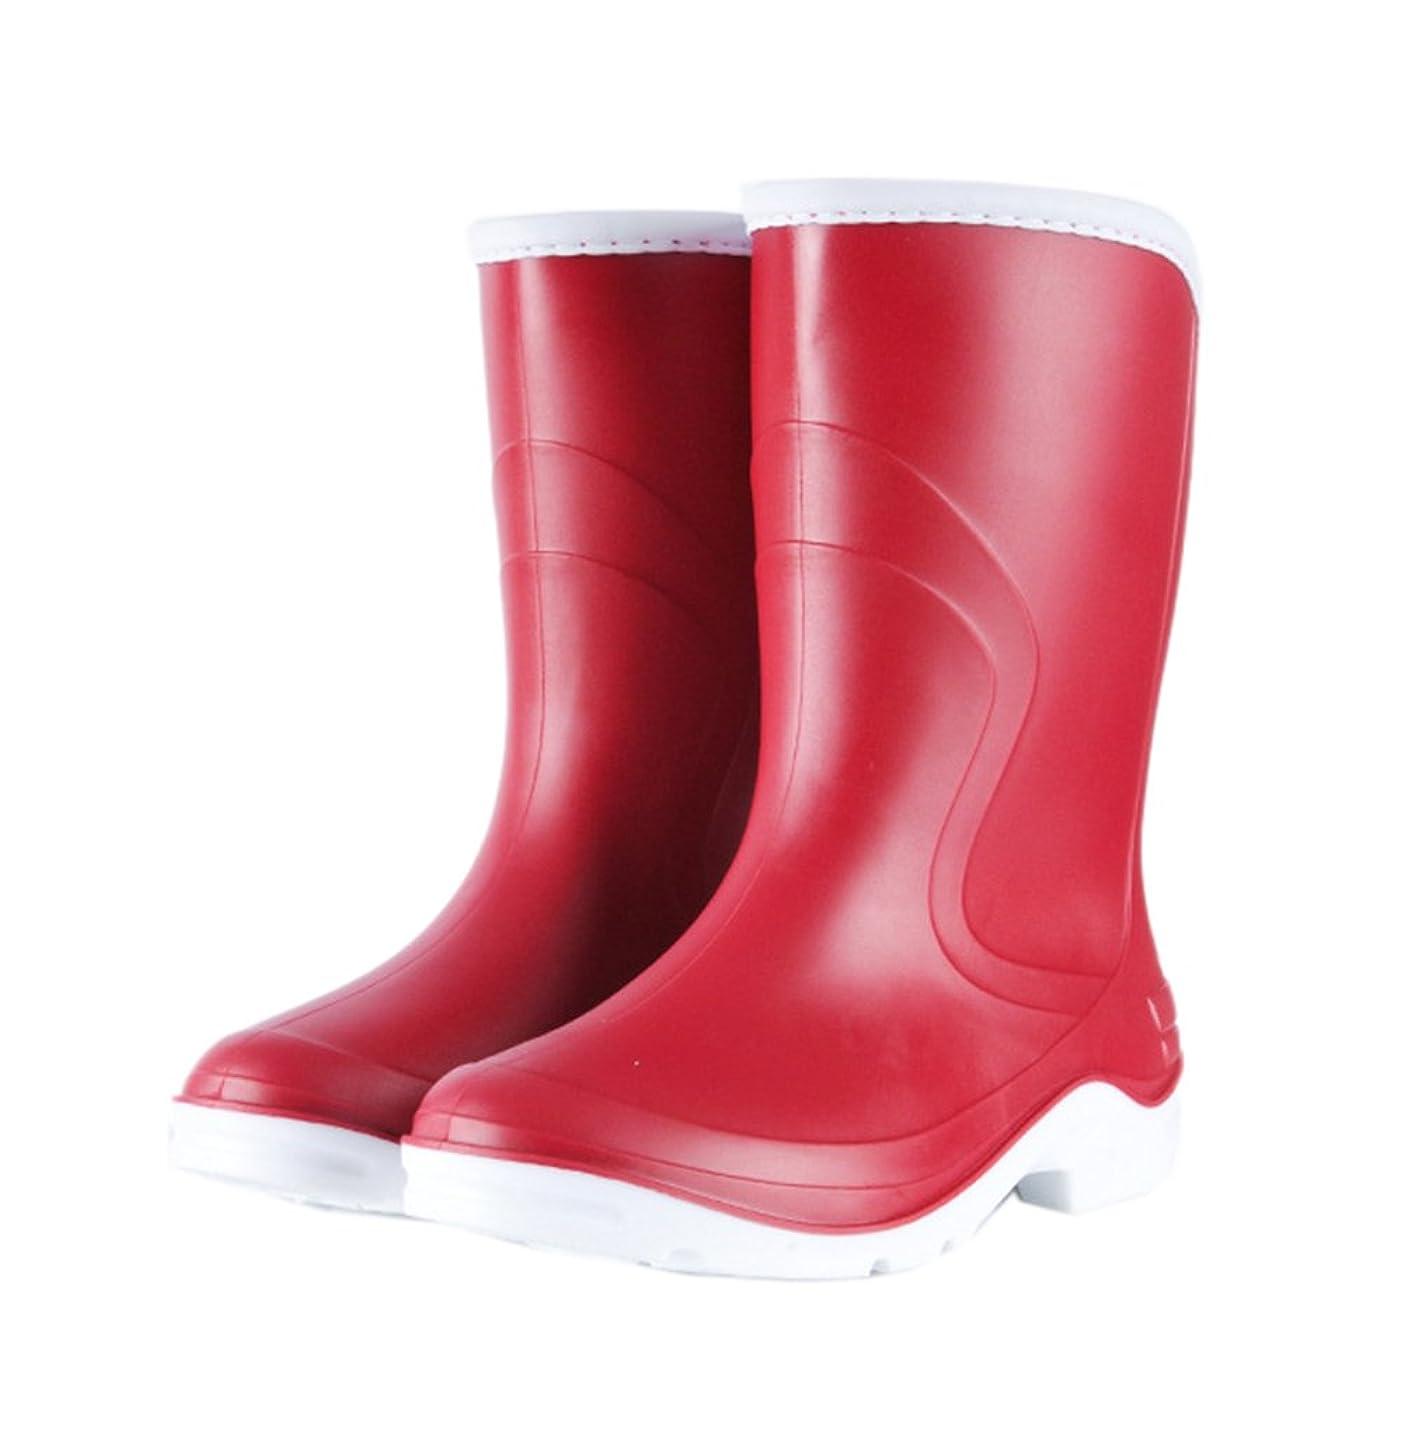 うがい薬うがい薬歯痛[STAANALLY] レインブーツ ショートブーツ レディース 靴 雨靴 長靴